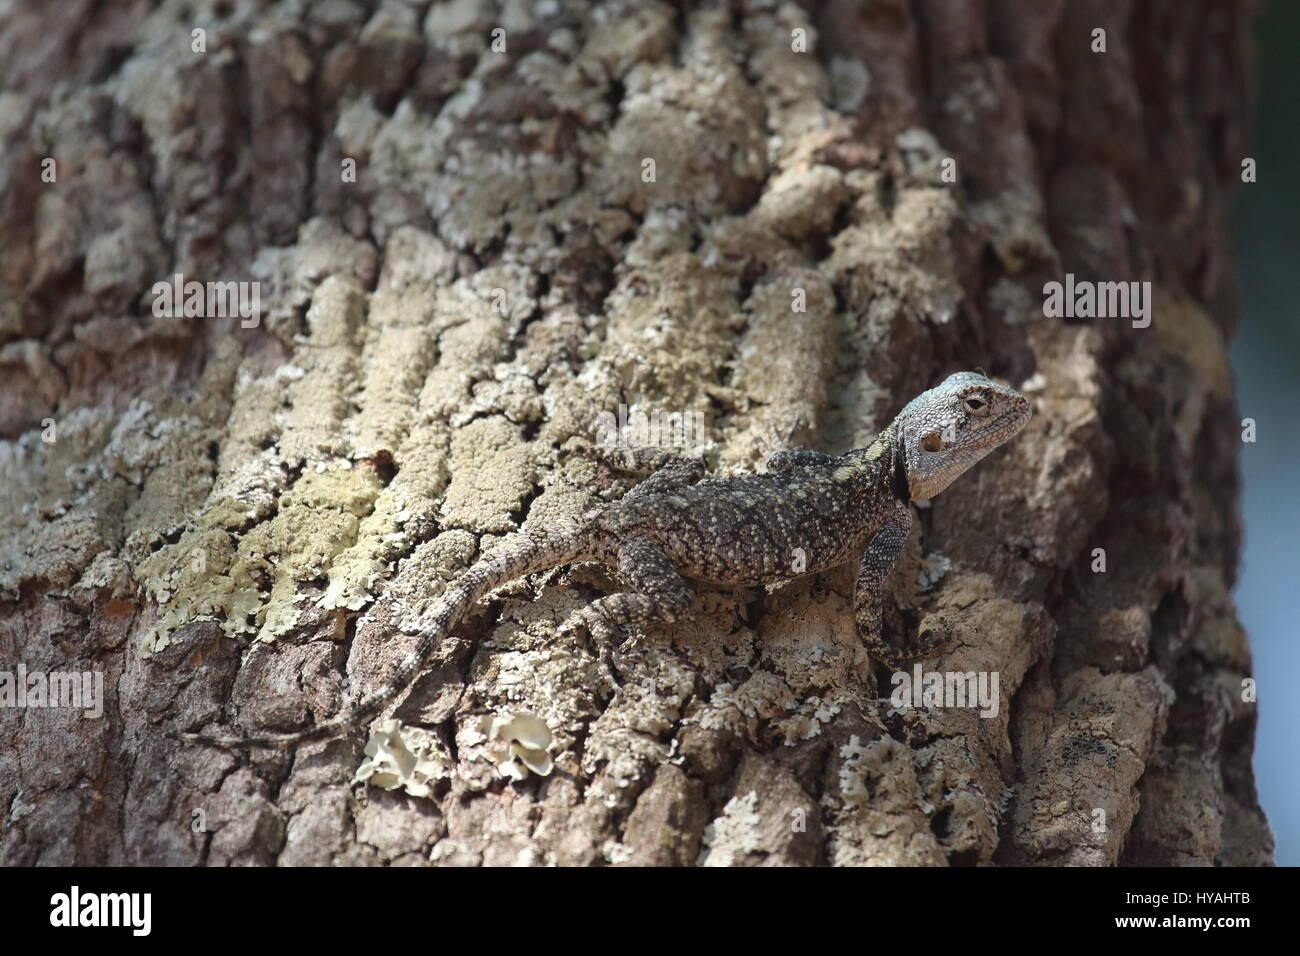 Arbre généalogique de la direction générale de l'Agama Acanthocercus branchii, Zambie, Afrique Photo Stock